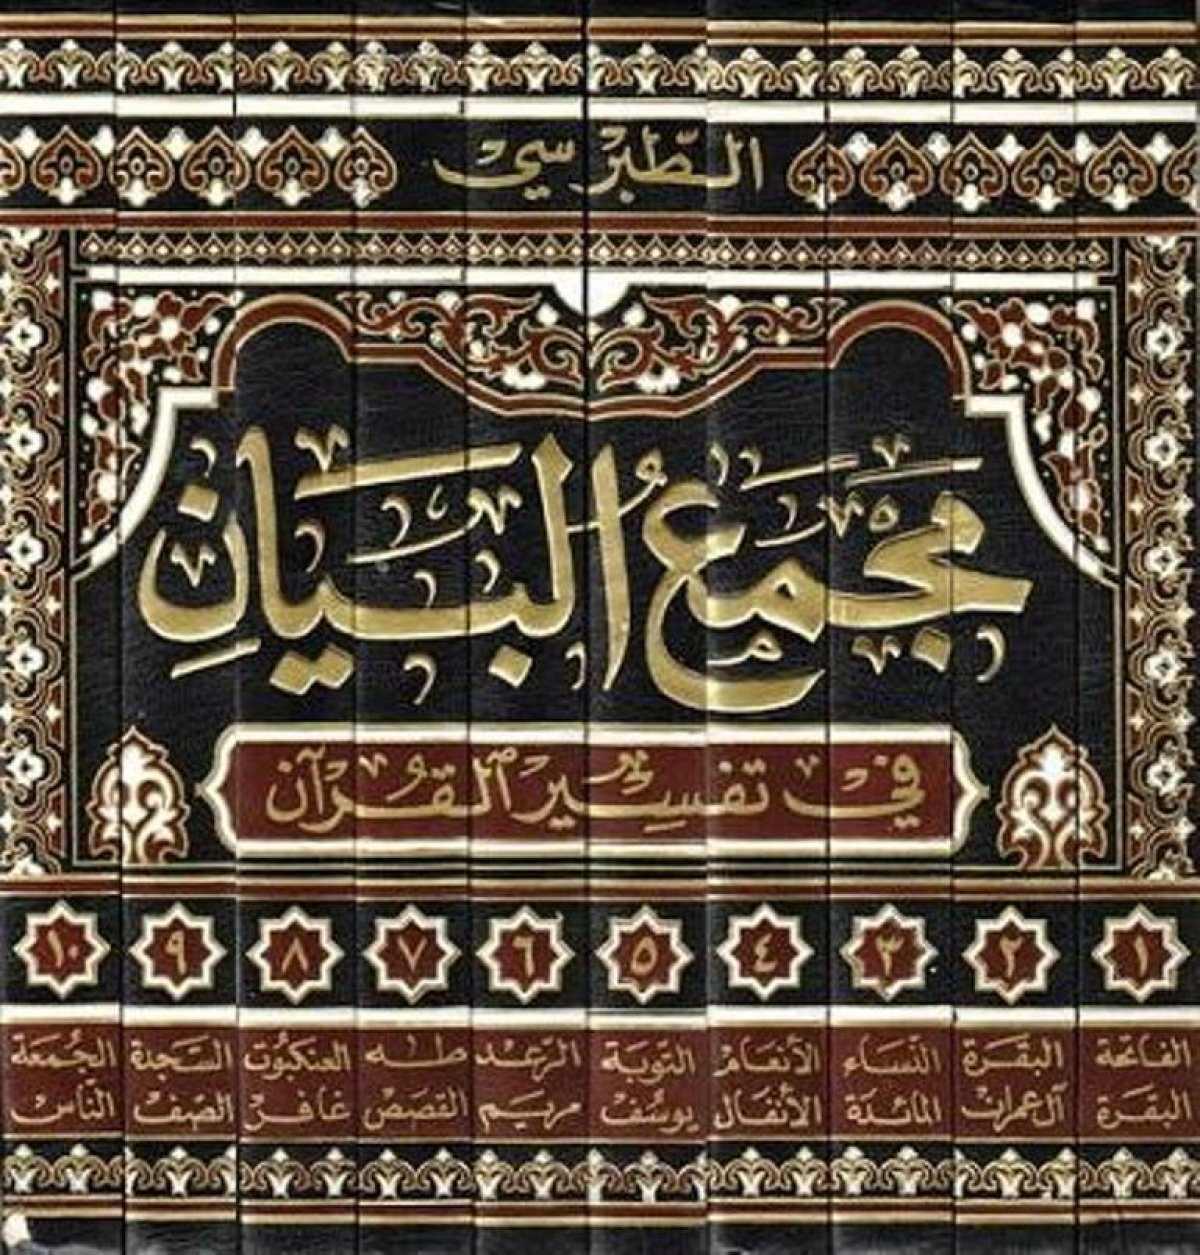 معرفی تفسیر مجمع البیان فی تفسیر القرآن